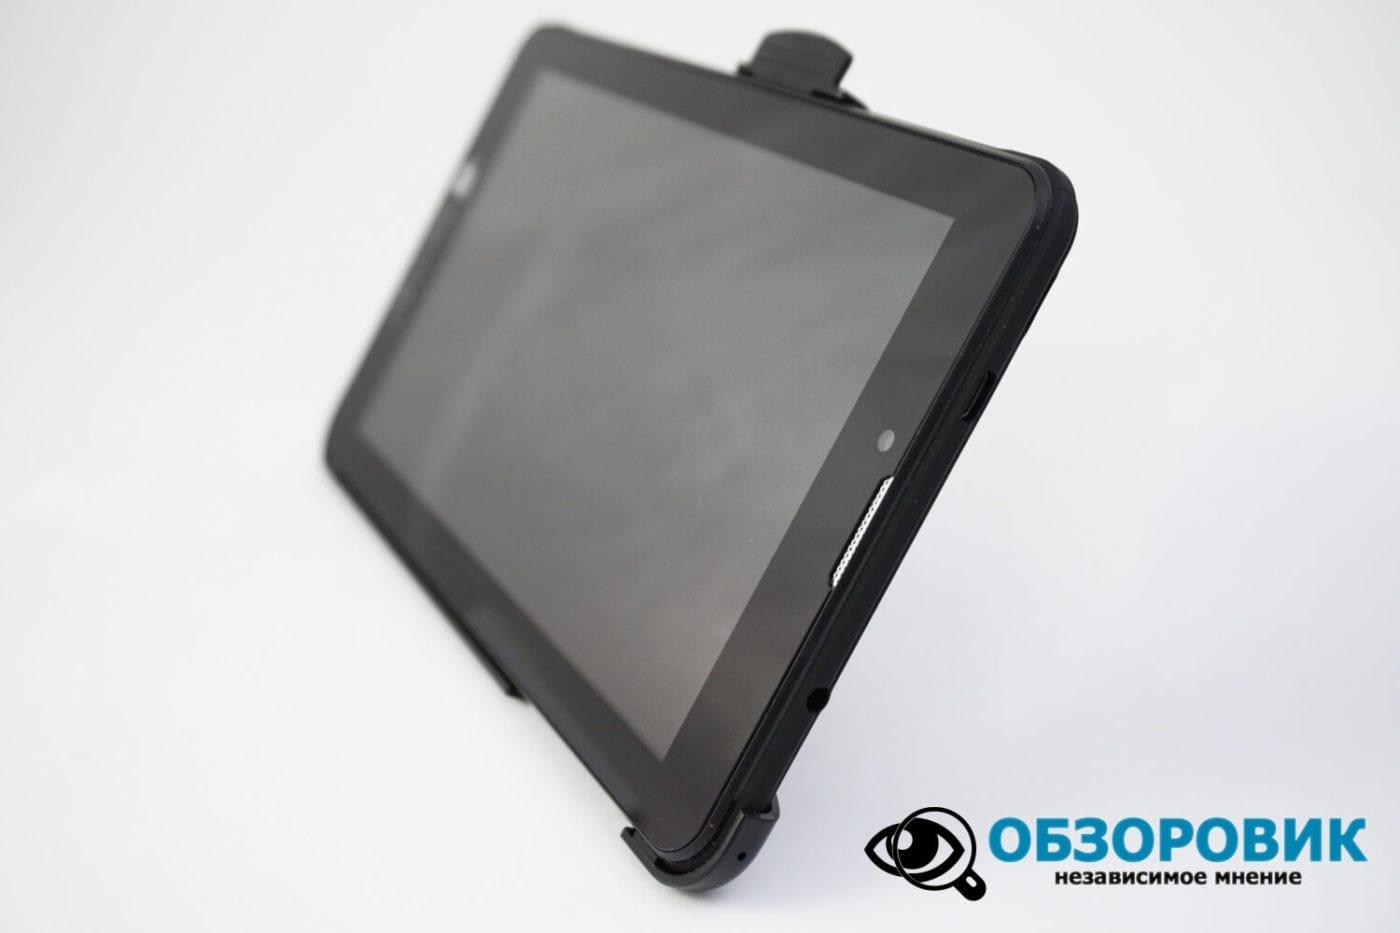 DSC03283 1500x1000